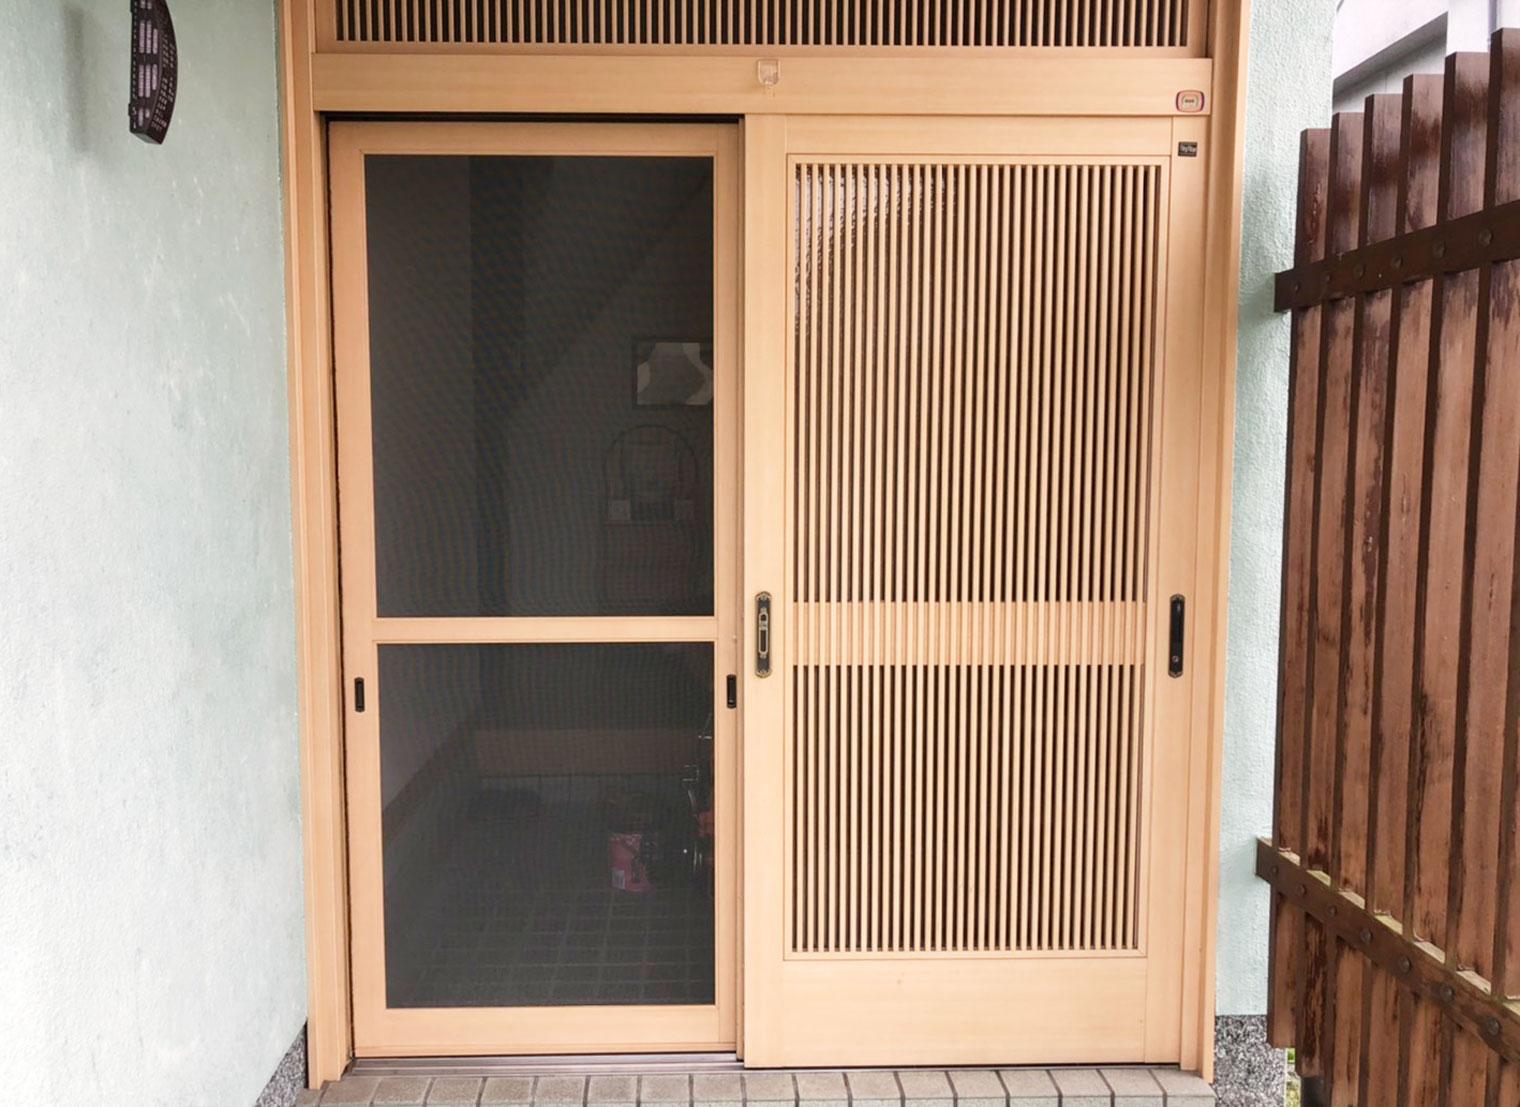 網戸を付けた和風の玄関へ 新鮮で自然な空気を時間を気にしないで取り込めます